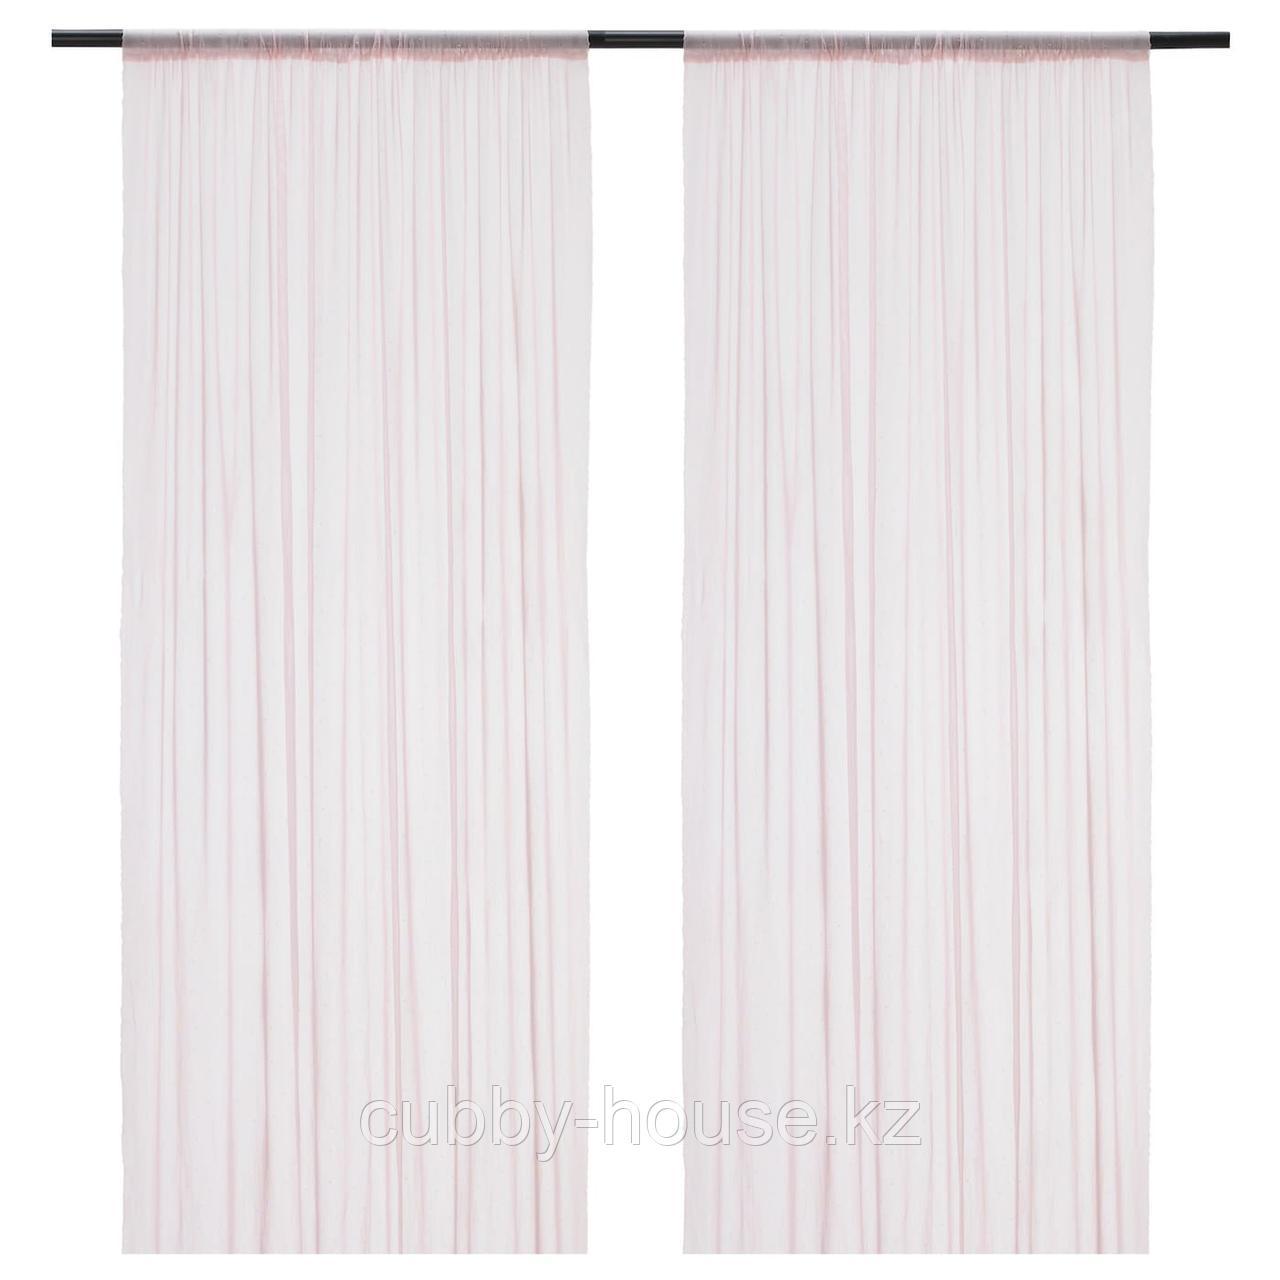 ХИЛЬДРАН Гардины, 2 шт., розовый, точечный, 145x300 см